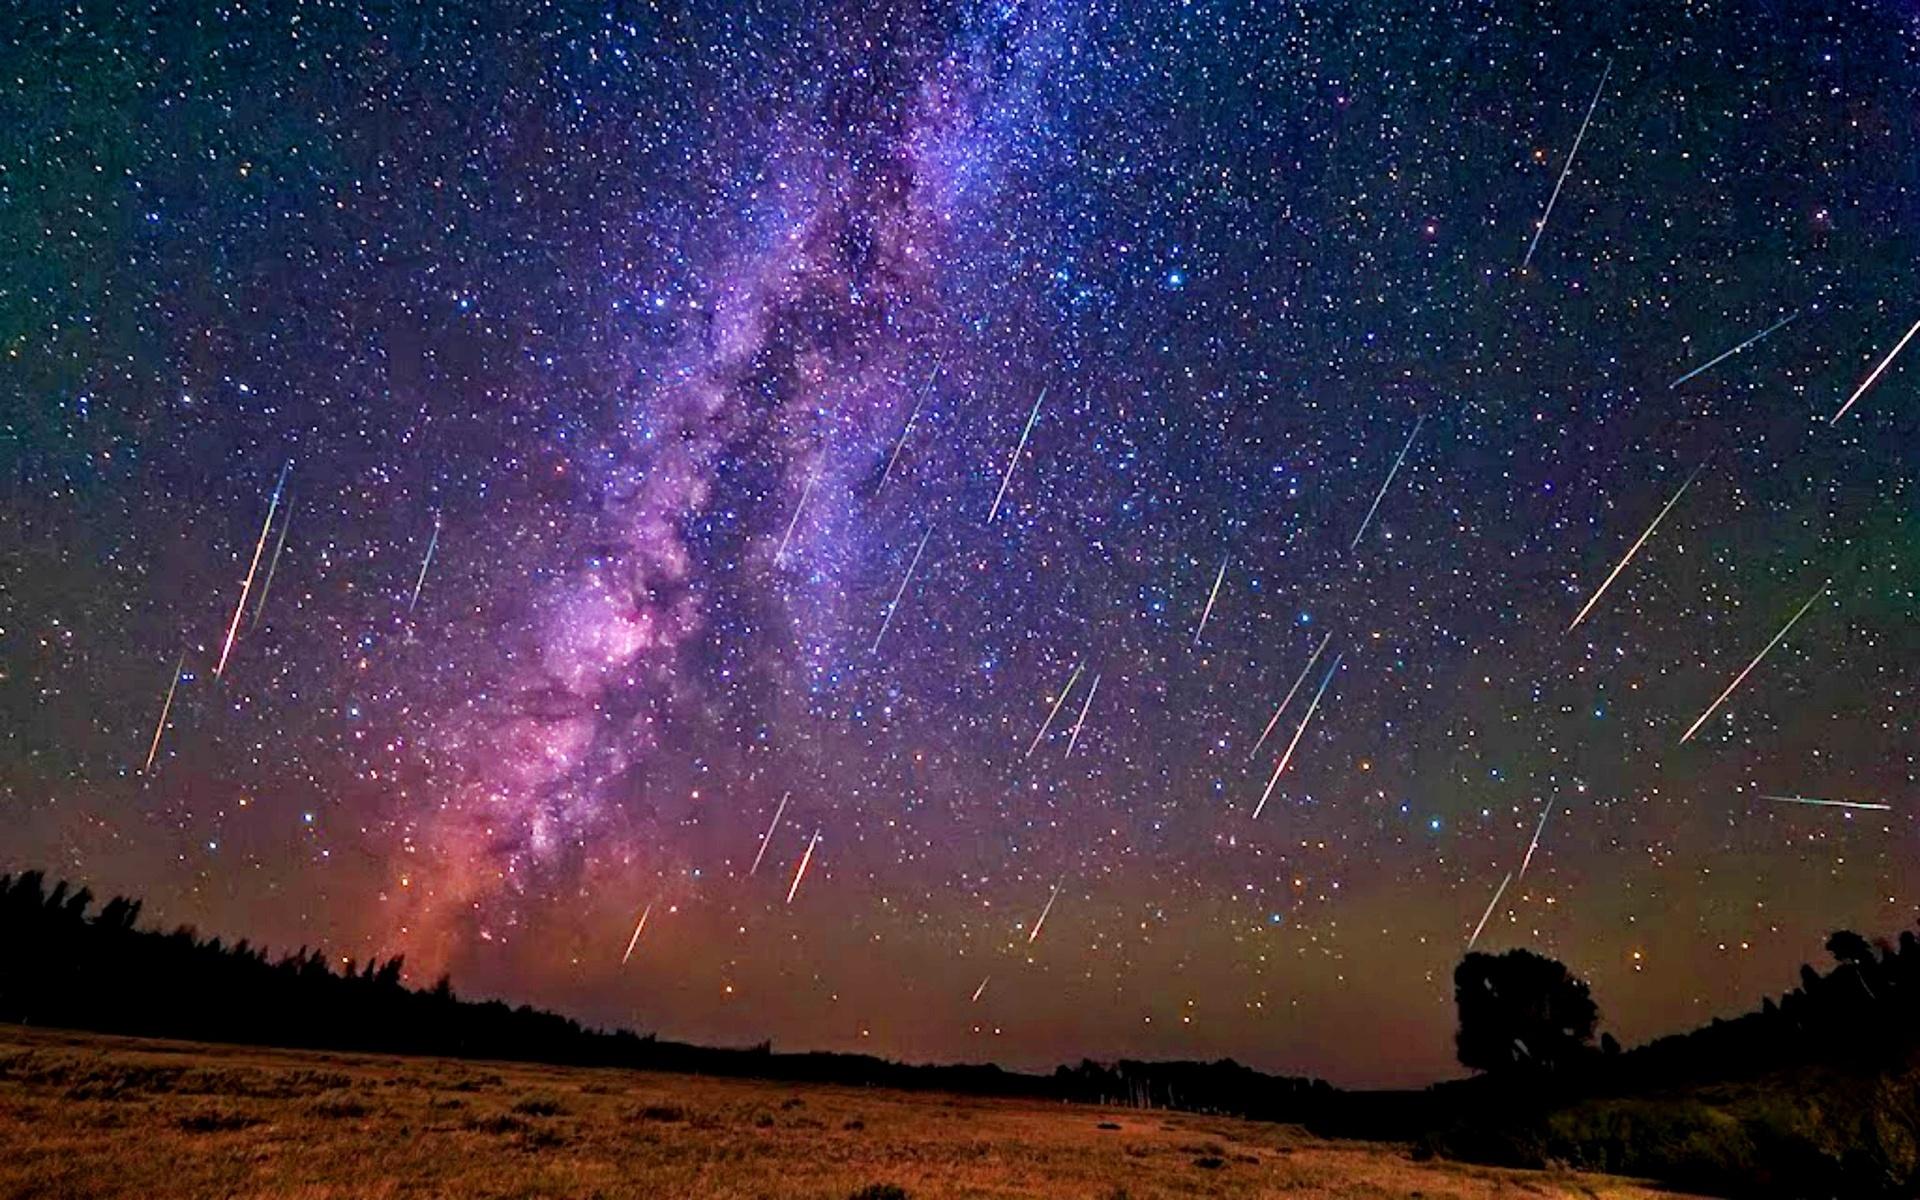 метеорный поток года, персеиды, хвост кометы свифта-туттля, звездный дождь